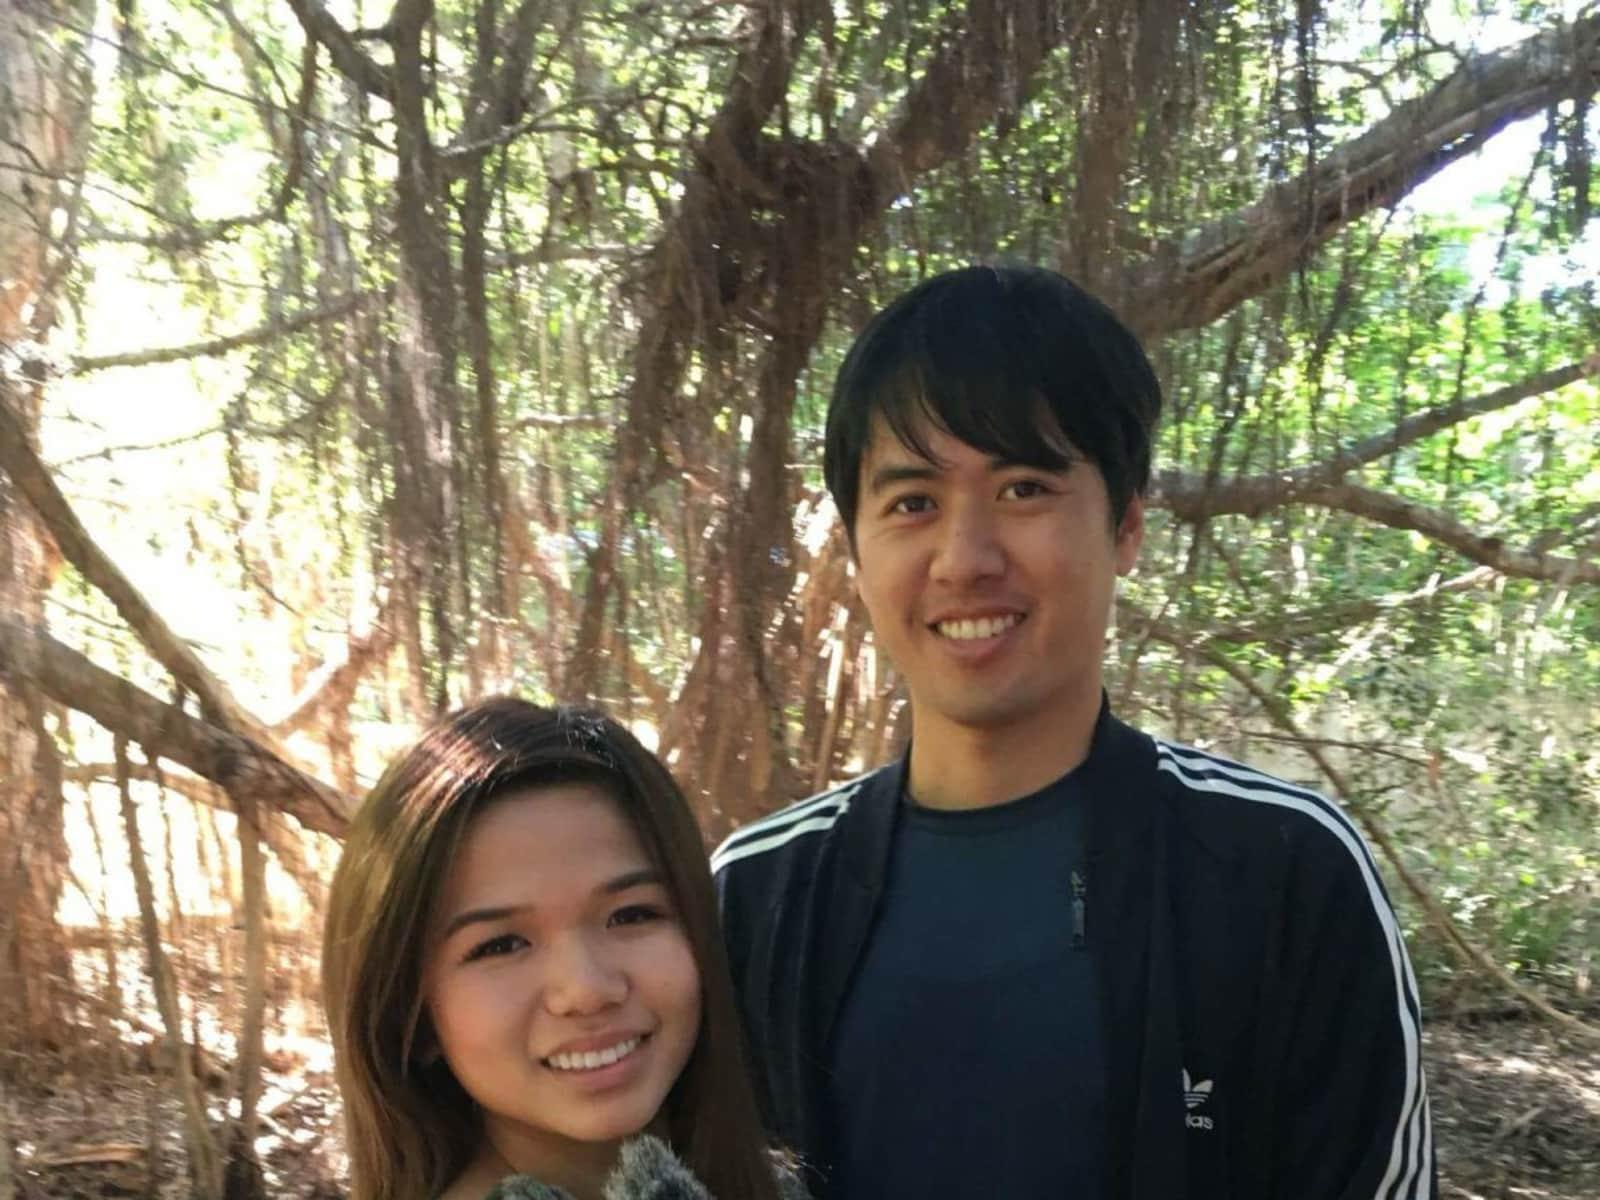 James & alisa & Alisa from Cairns, Queensland, Australia